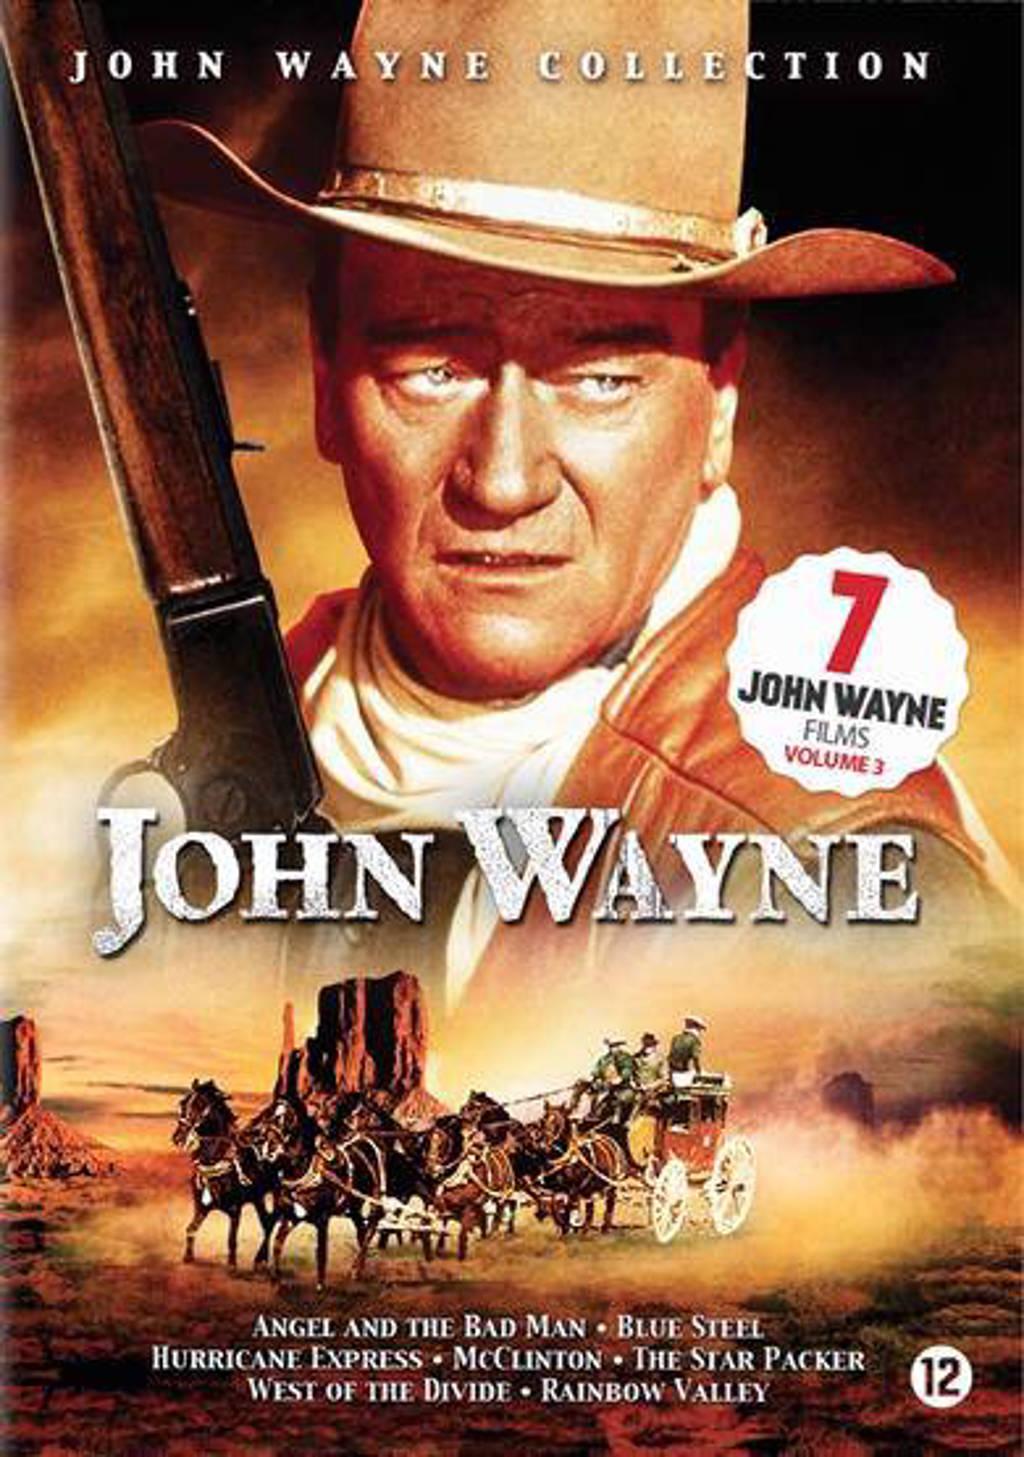 John Wayne collection 3 (DVD)